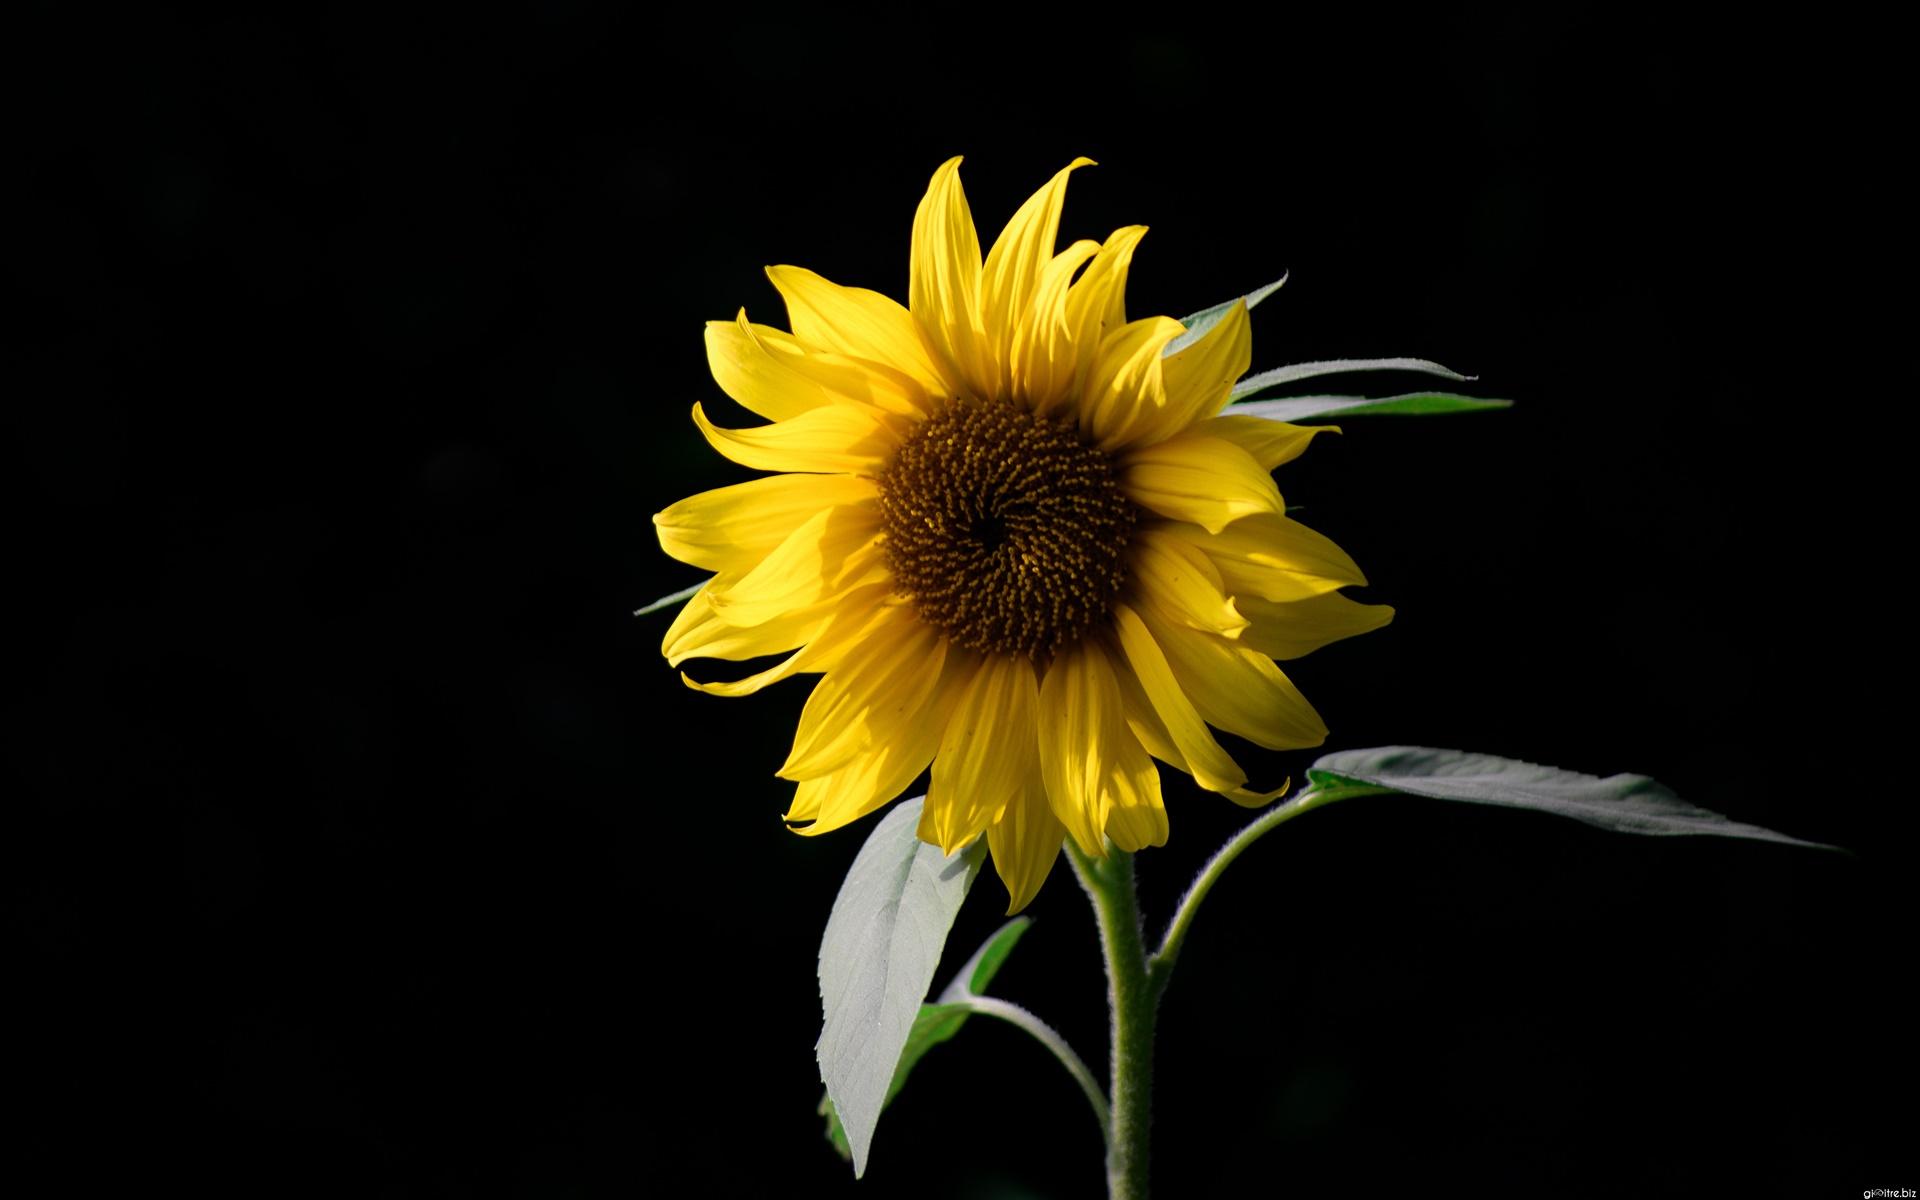 Tấm hình nền hoa hướng dương rất đẹp